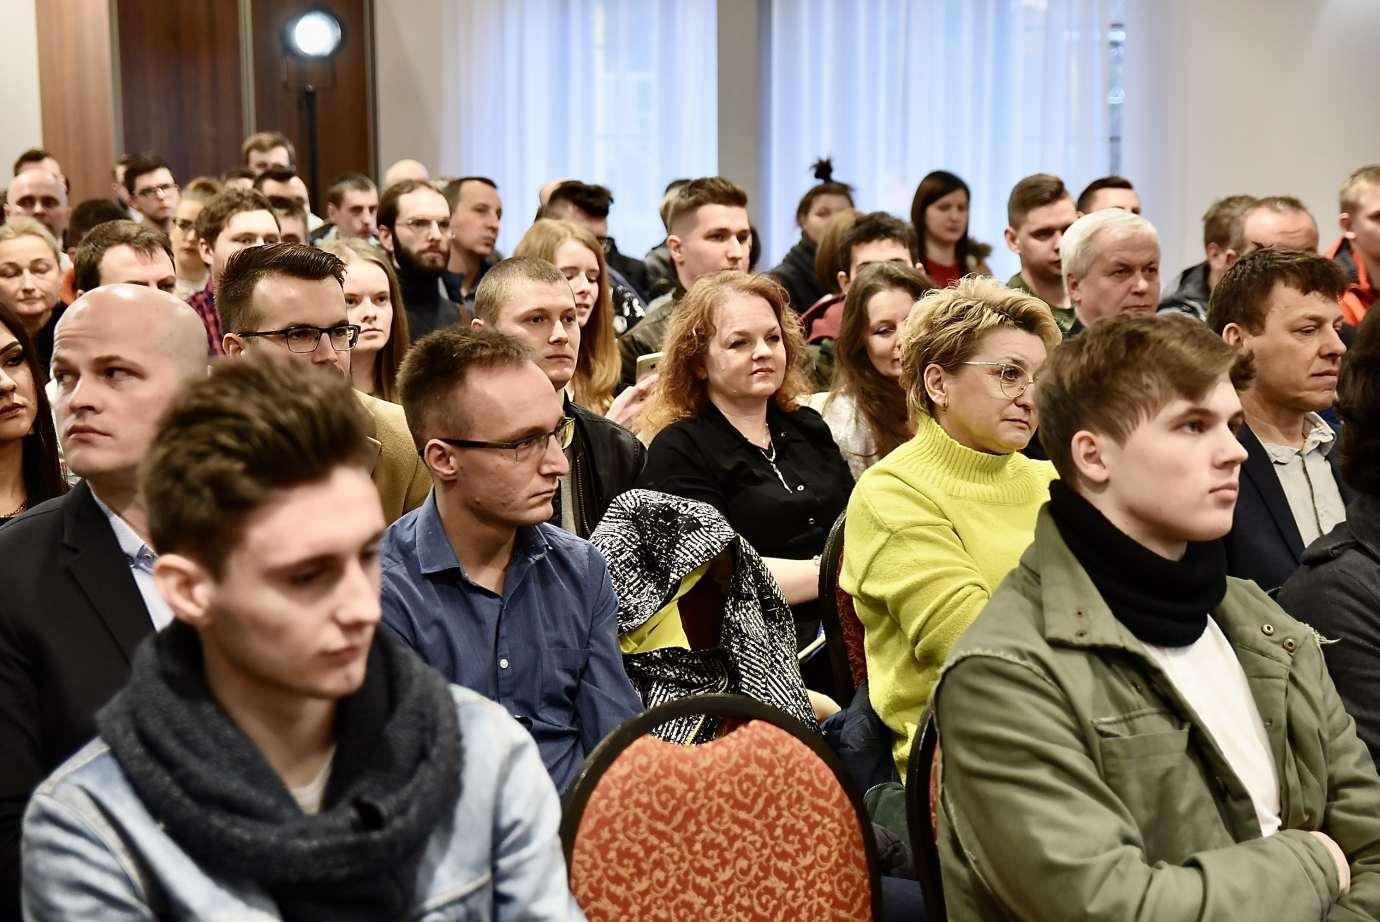 dsc 6679 Krzysztof Bosak w Zamościu. Zdjęcia i film